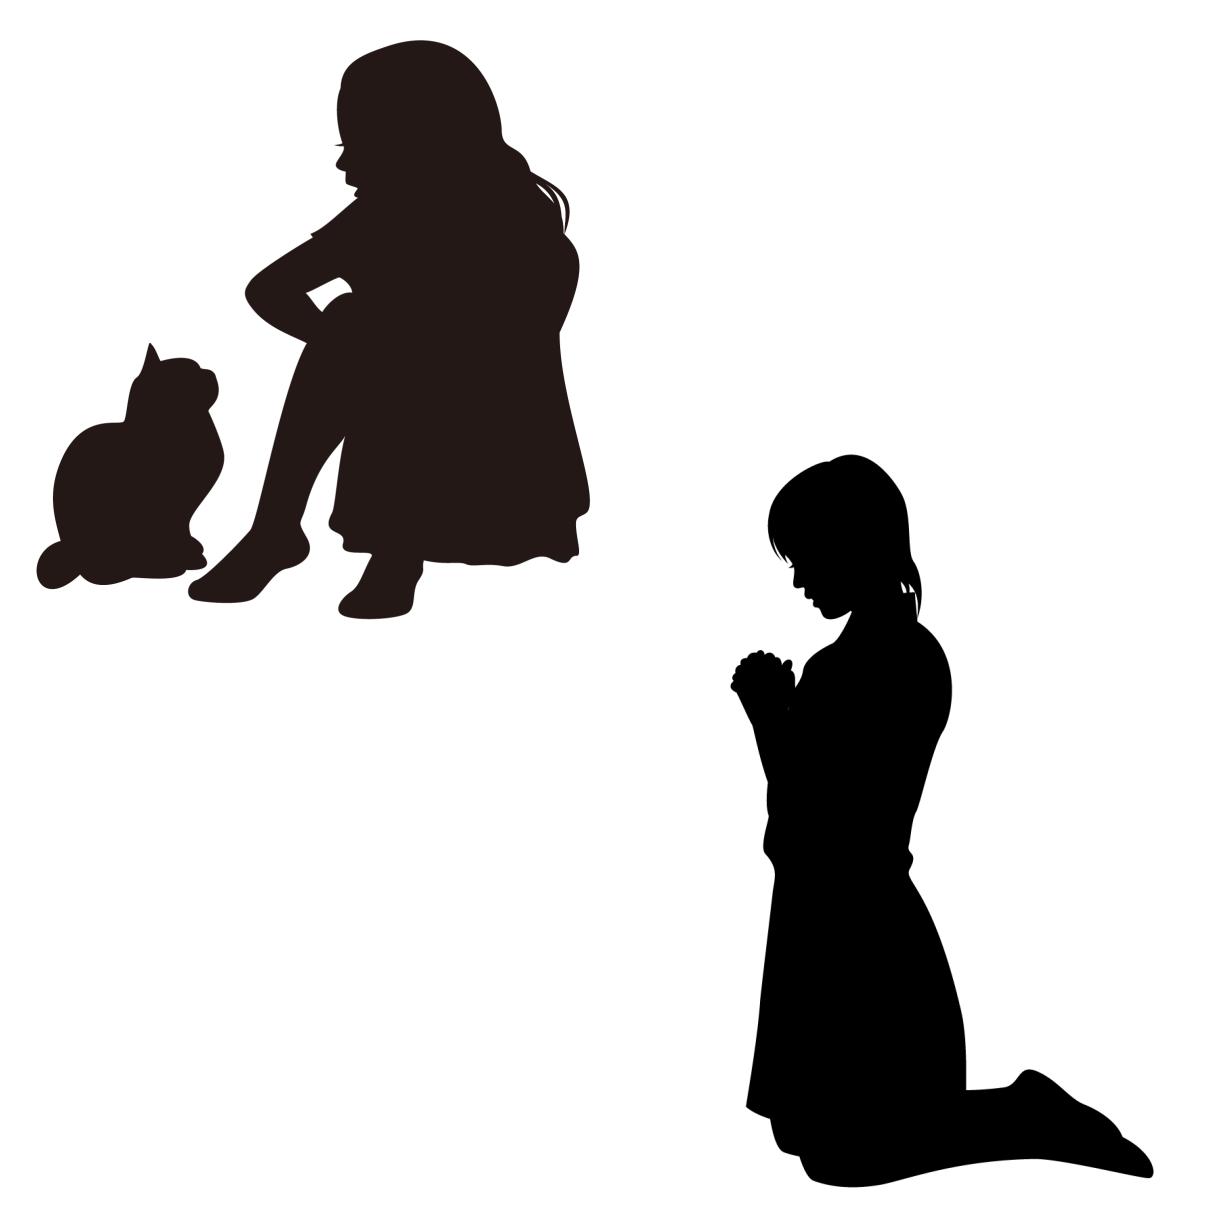 プラケーター(慰め役)とイネイブラー(支え役)の違いを表すイメージ